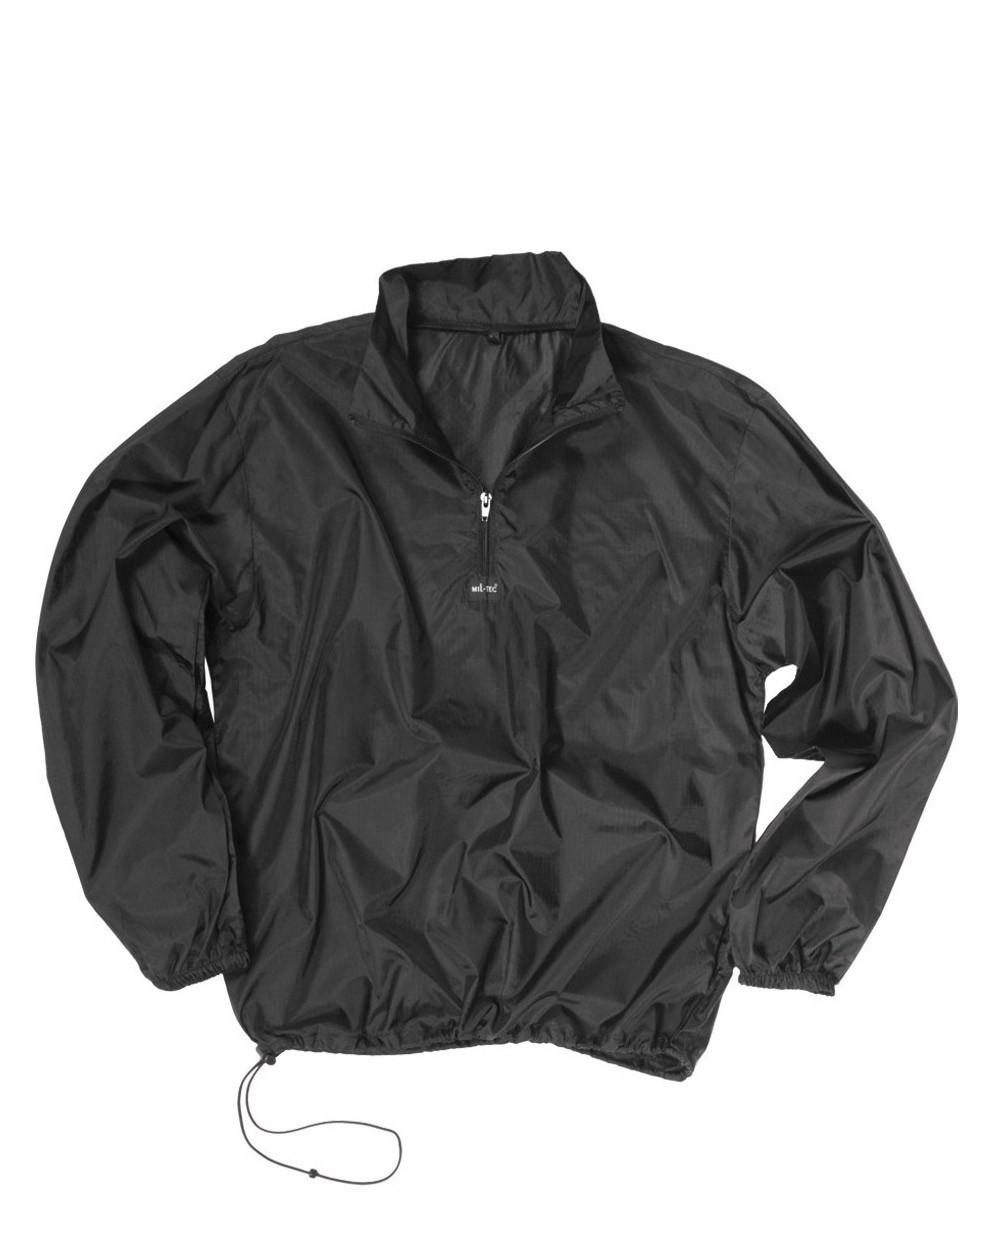 Куртка ветровка Mil-Tec - Windshirt (черная - black)